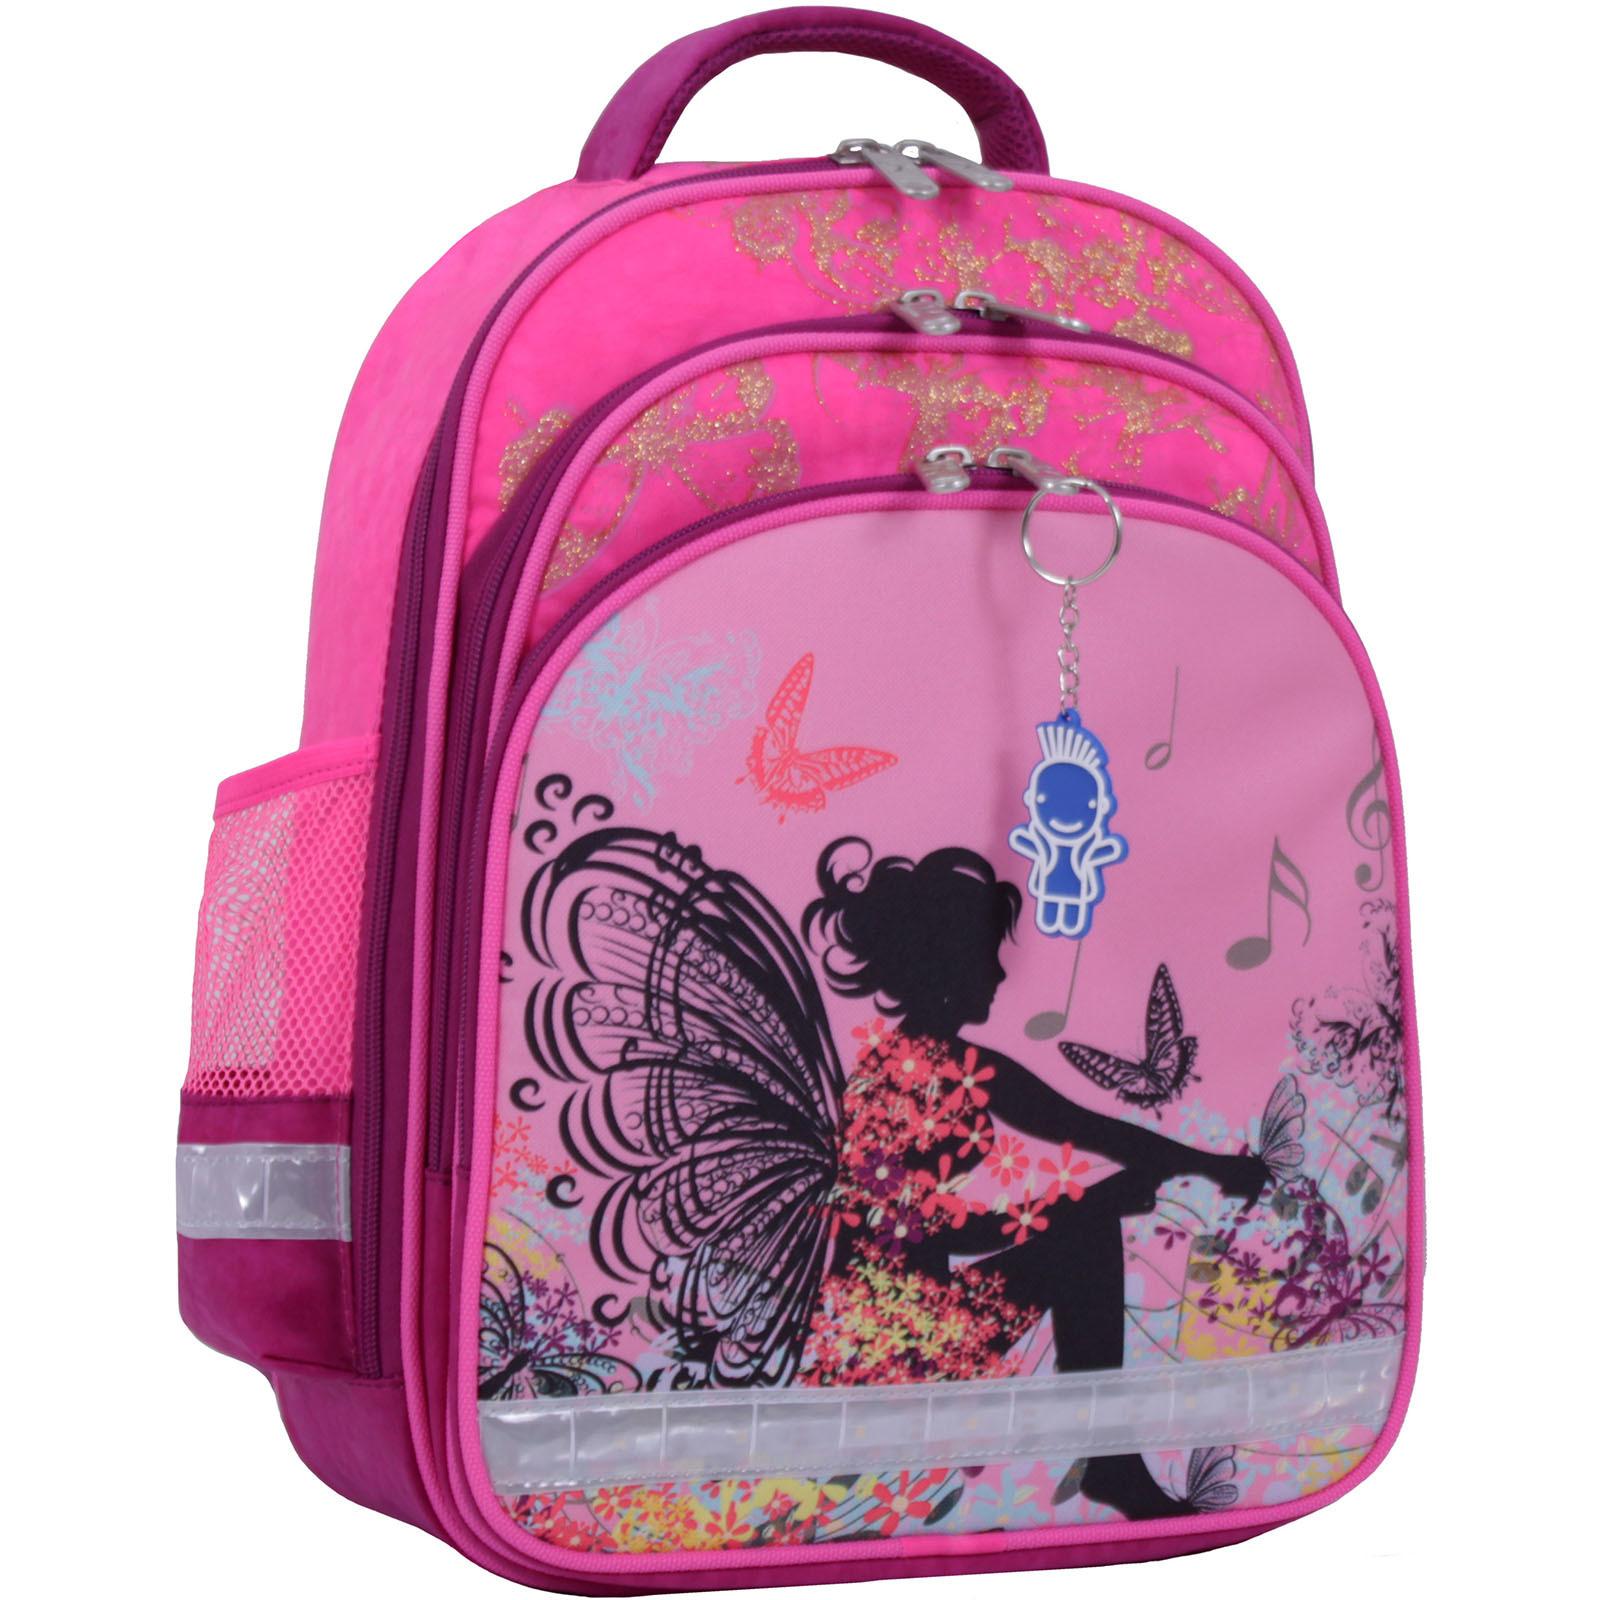 Рюкзак школьный Bagland Mouse 143 малиновый 389 (0051370) фото 1